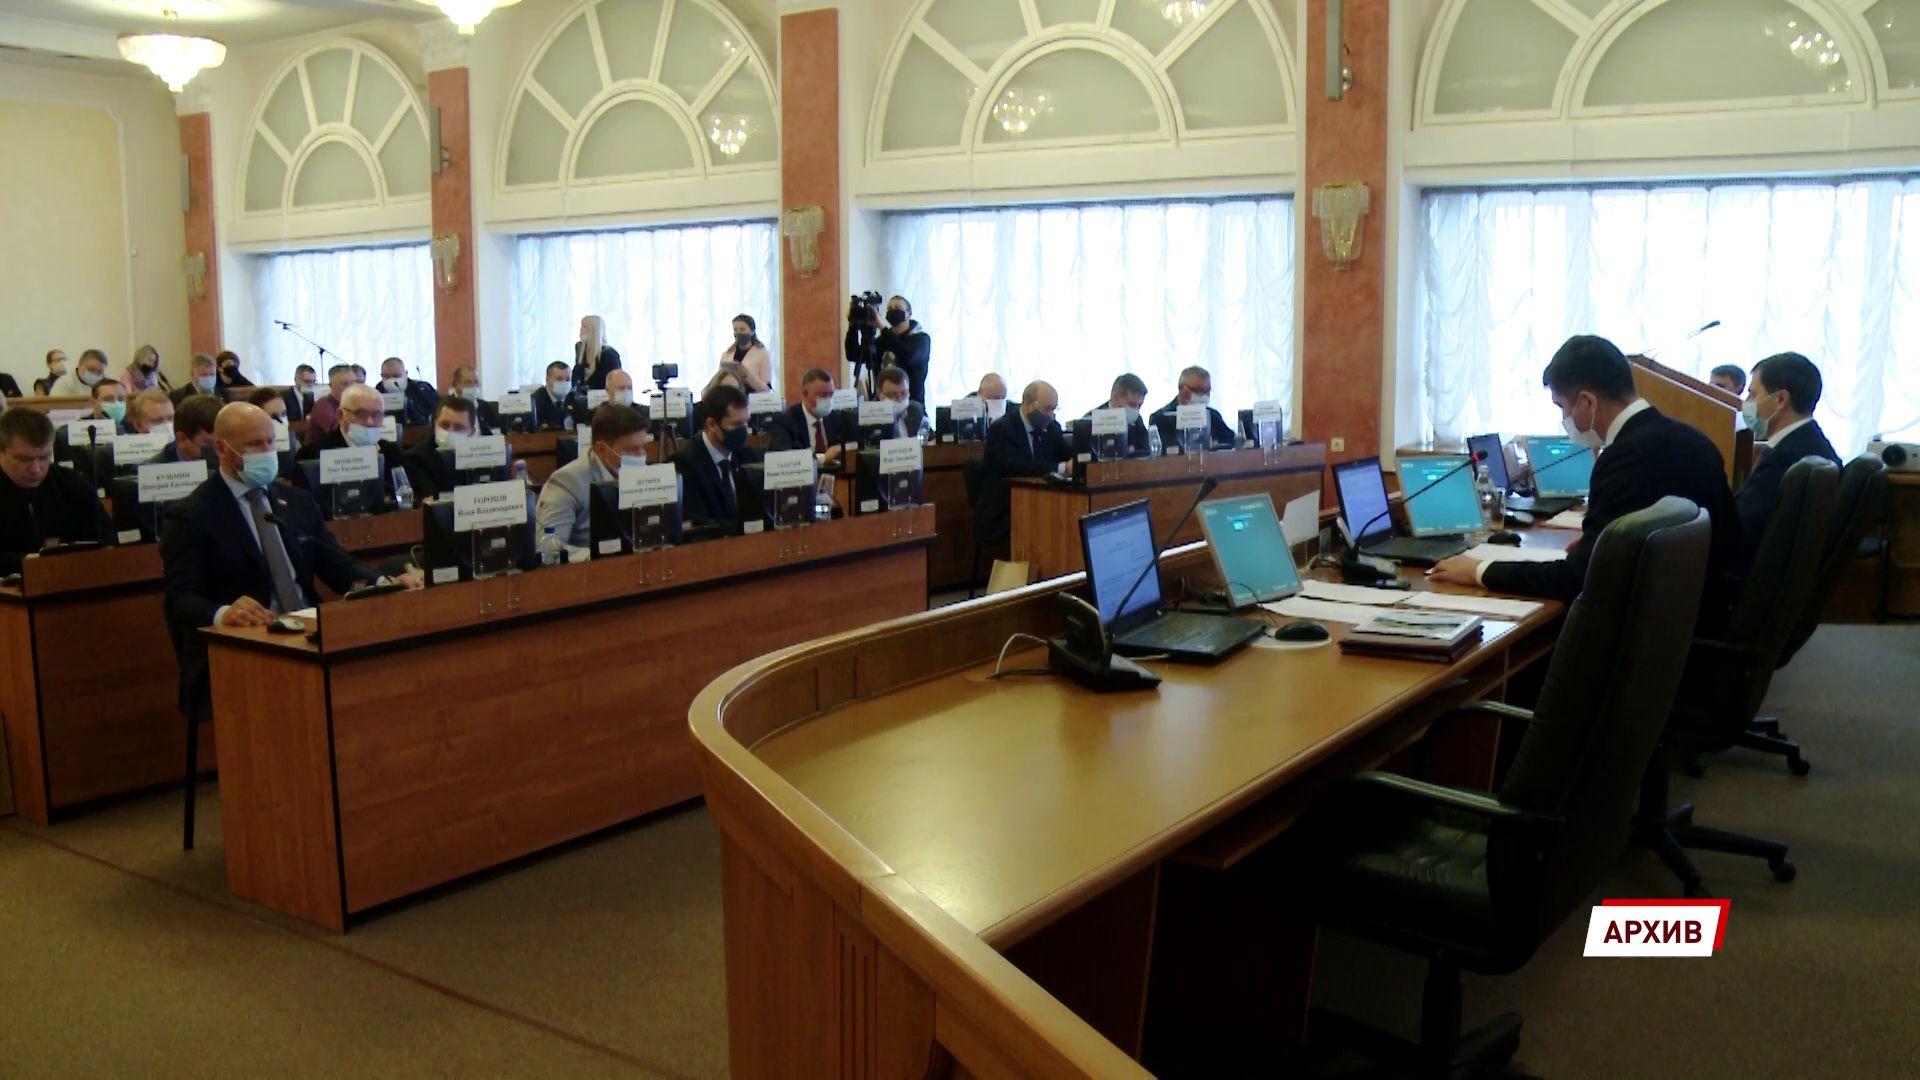 Муниципалитет Ярославля подвел итоги 2020 года